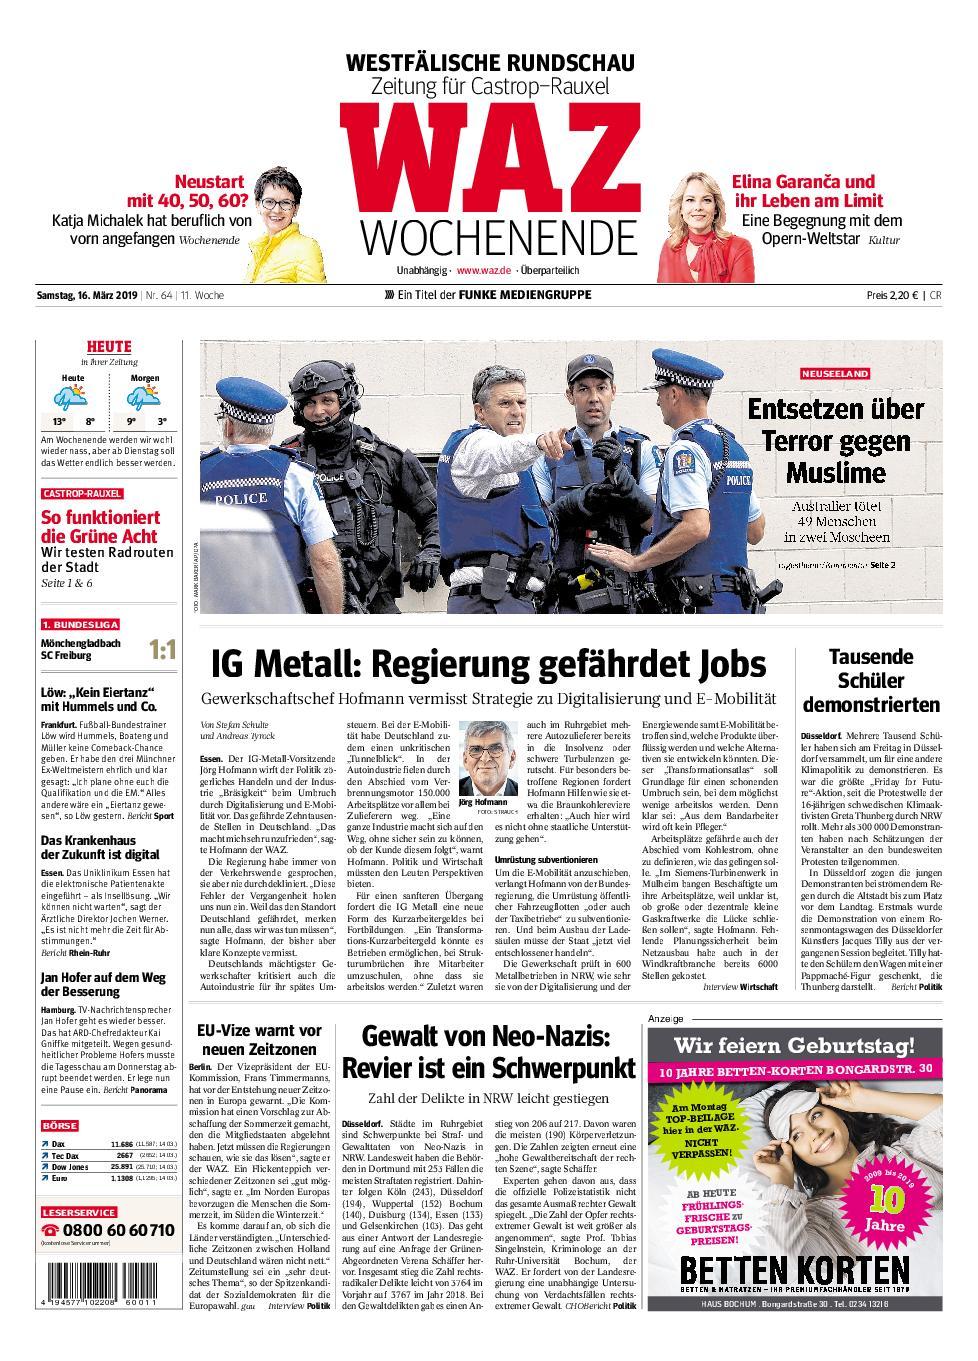 WAZ Westdeutsche Allgemeine Zeitung Castrop-Rauxel - 16. März 2019